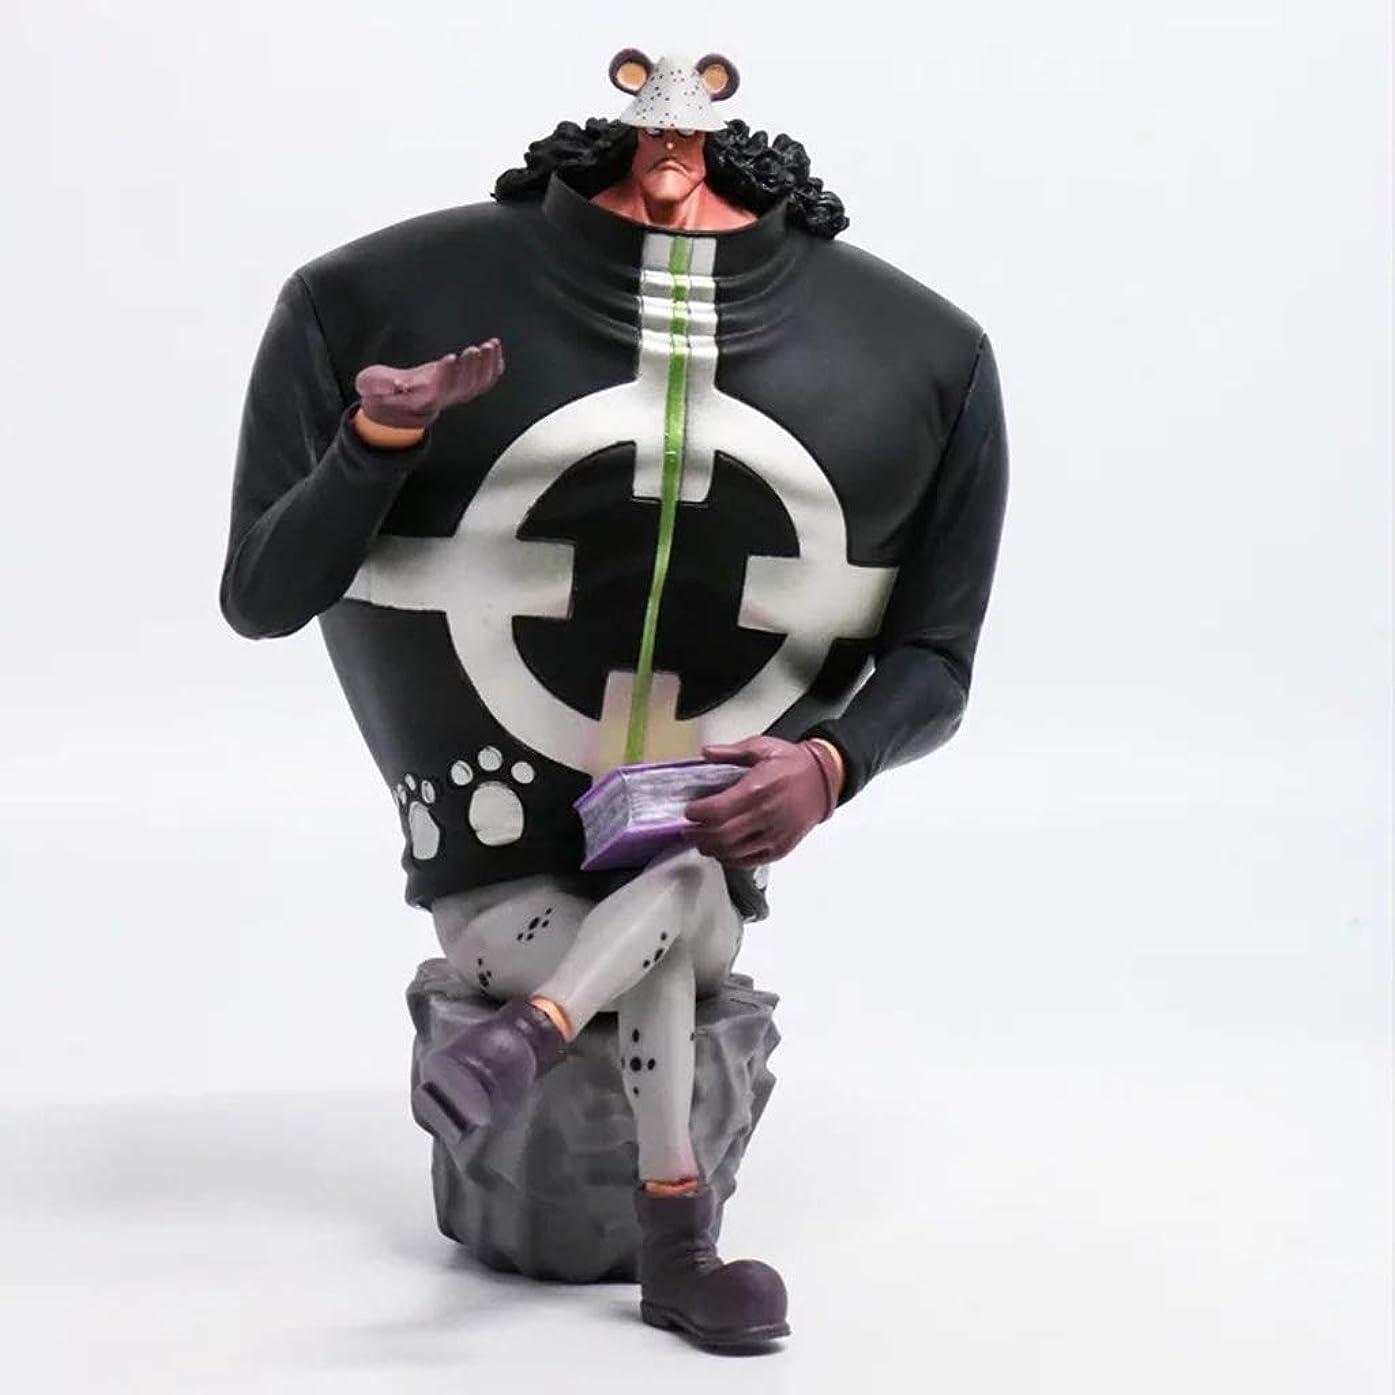 警告スラダム札入れBartholemew、アニメワンピースモデル、子供のおもちゃコレクション像、卓上装飾玩具像玩具モデルPVC(15cm) JSFQ